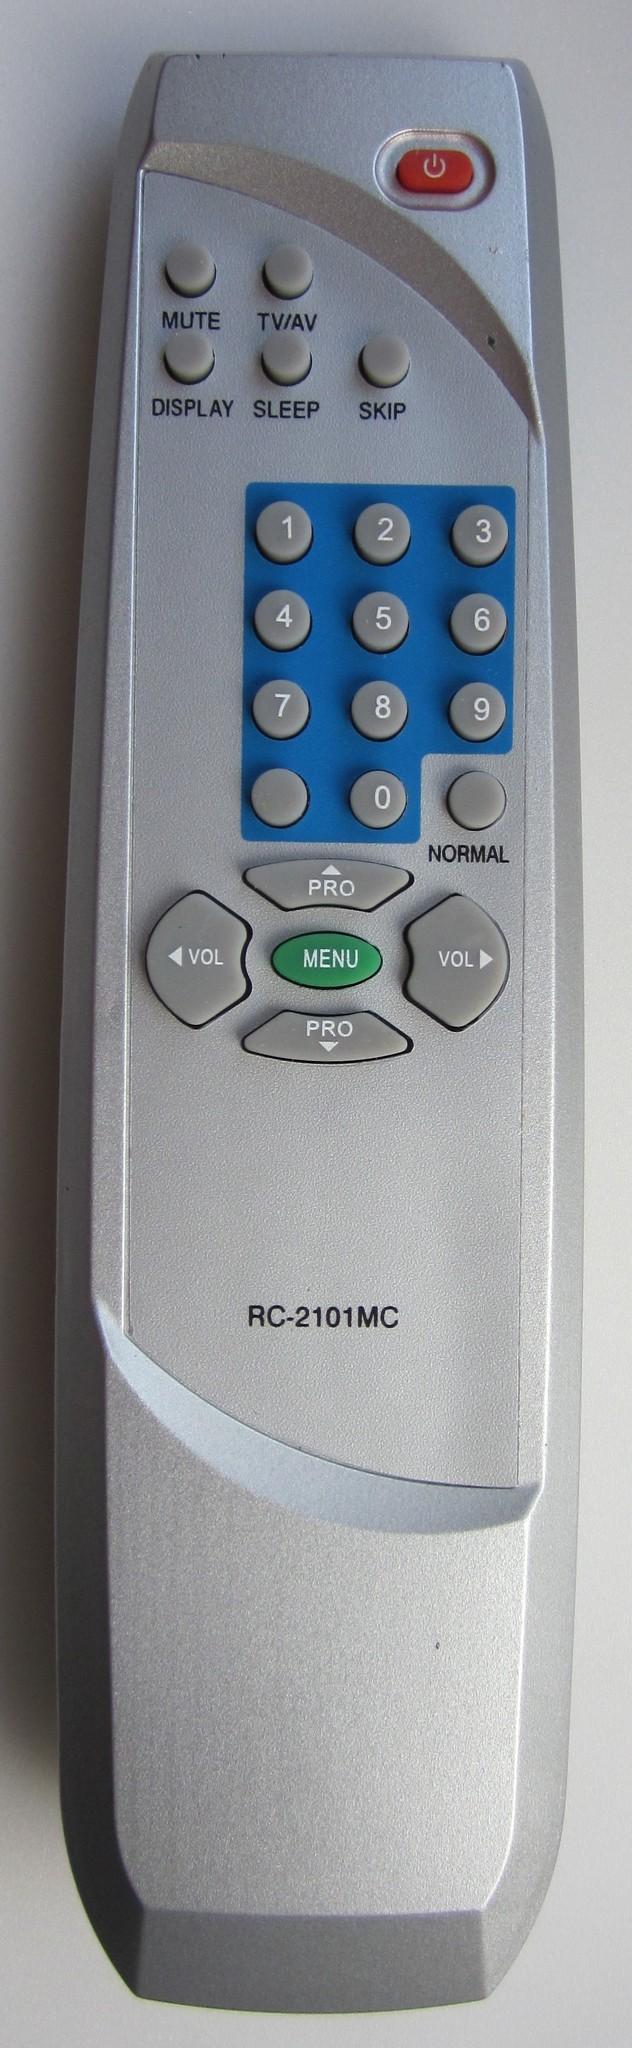 EVGO RC-2101MC (TV-14A23)